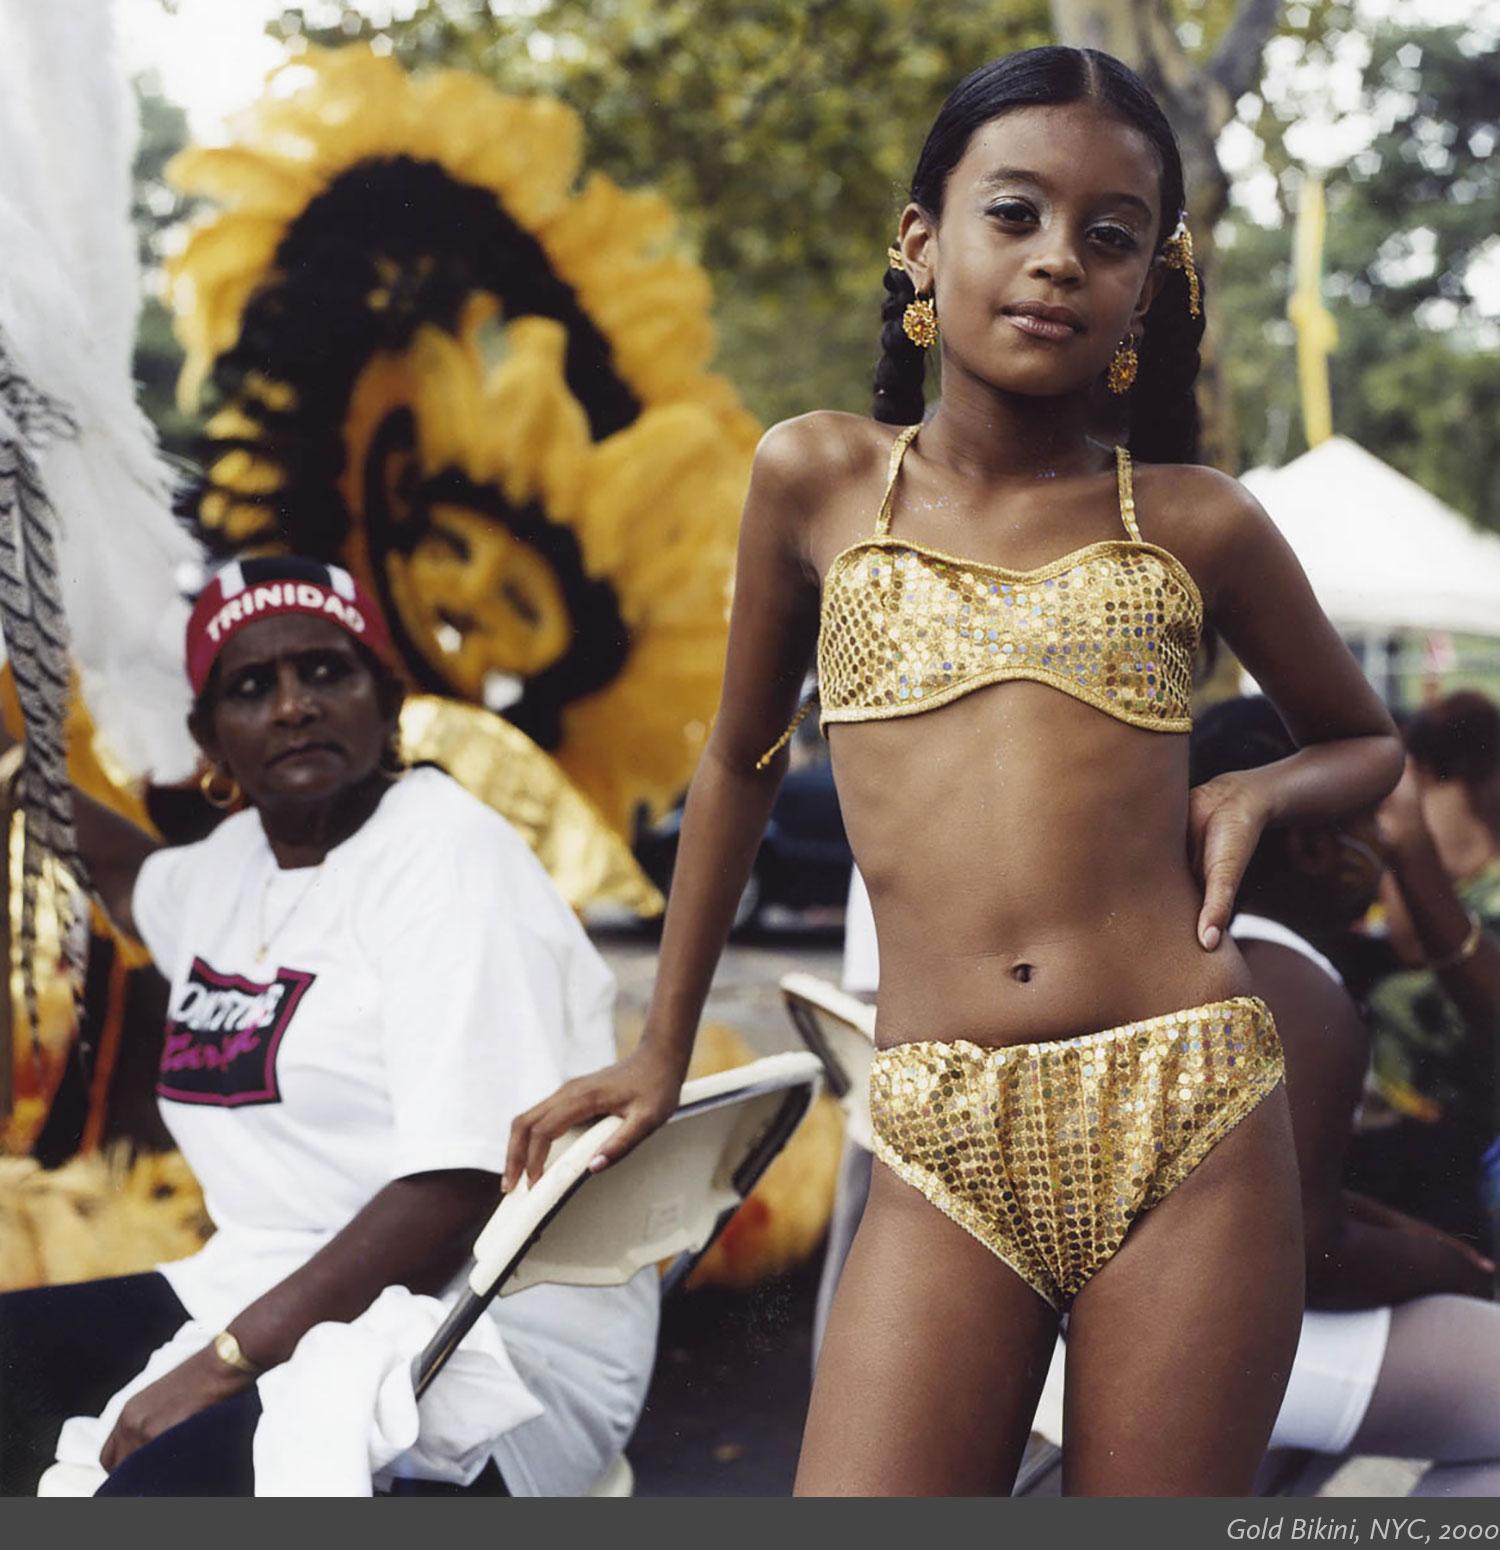 21_Gold-Bikini,-NYC,-2000.jpg